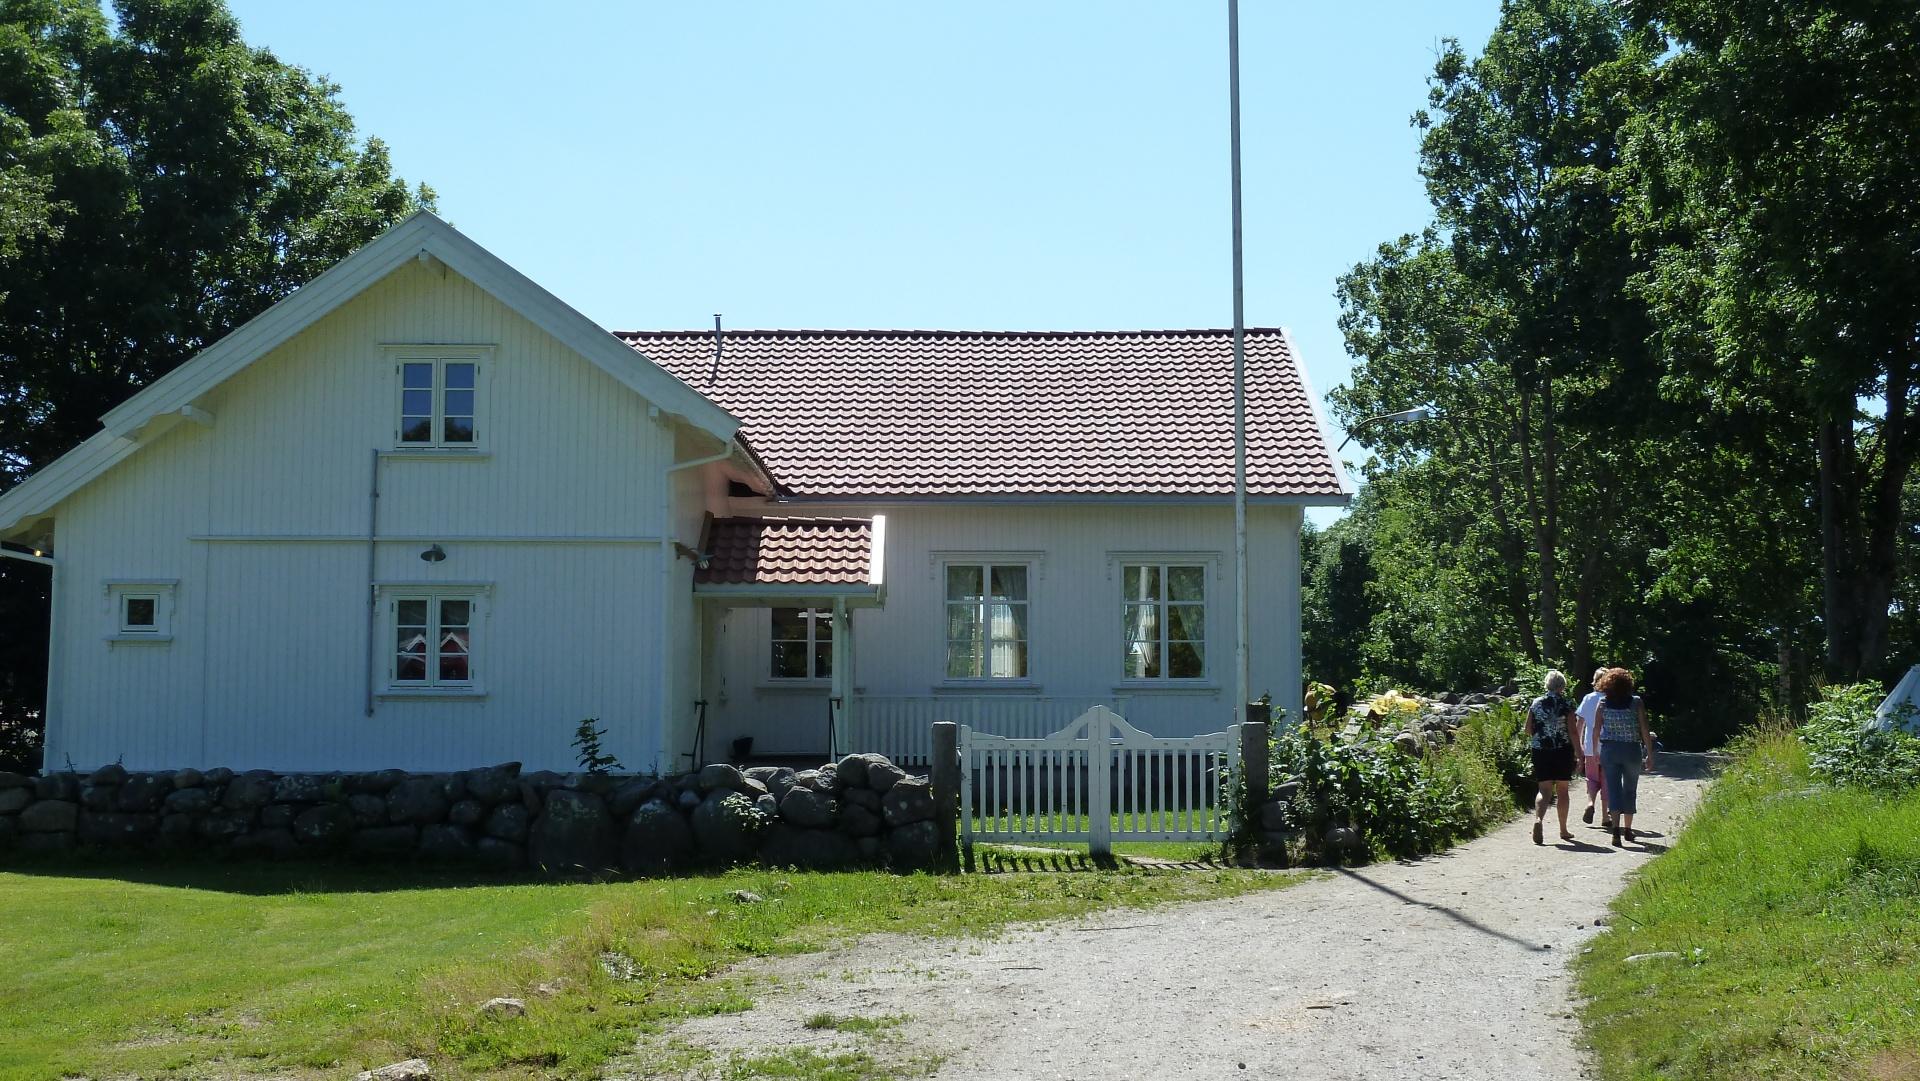 Samfunnshuset på Nedgården, Søndre Sandøy, Hvaler juli 2010